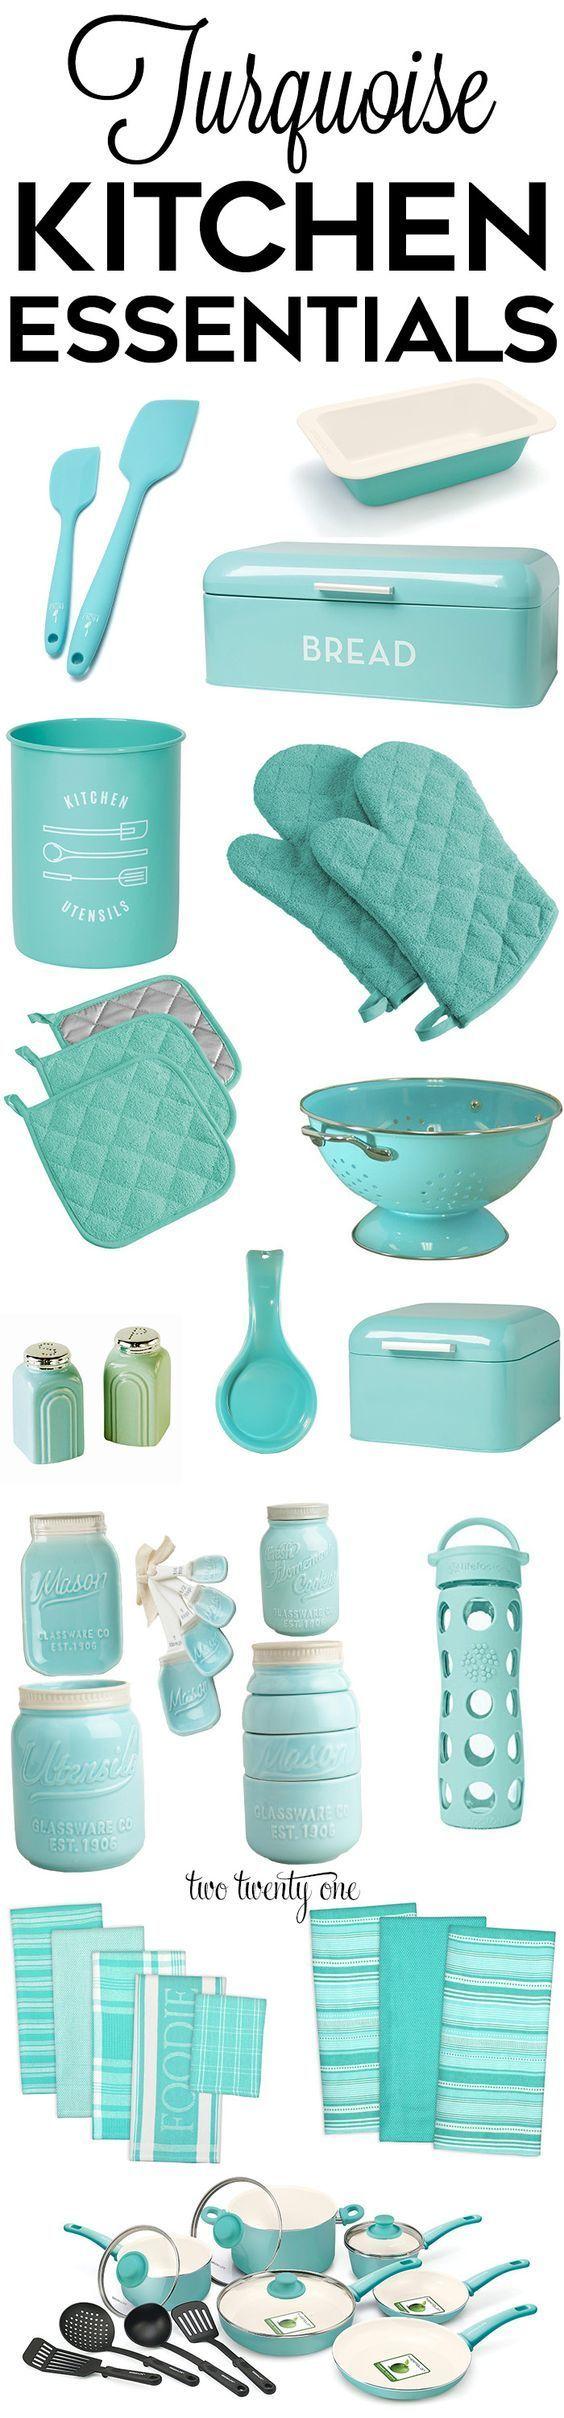 12 best Kitchens <3 images on Pinterest   Kitchen utensils, Dream ...